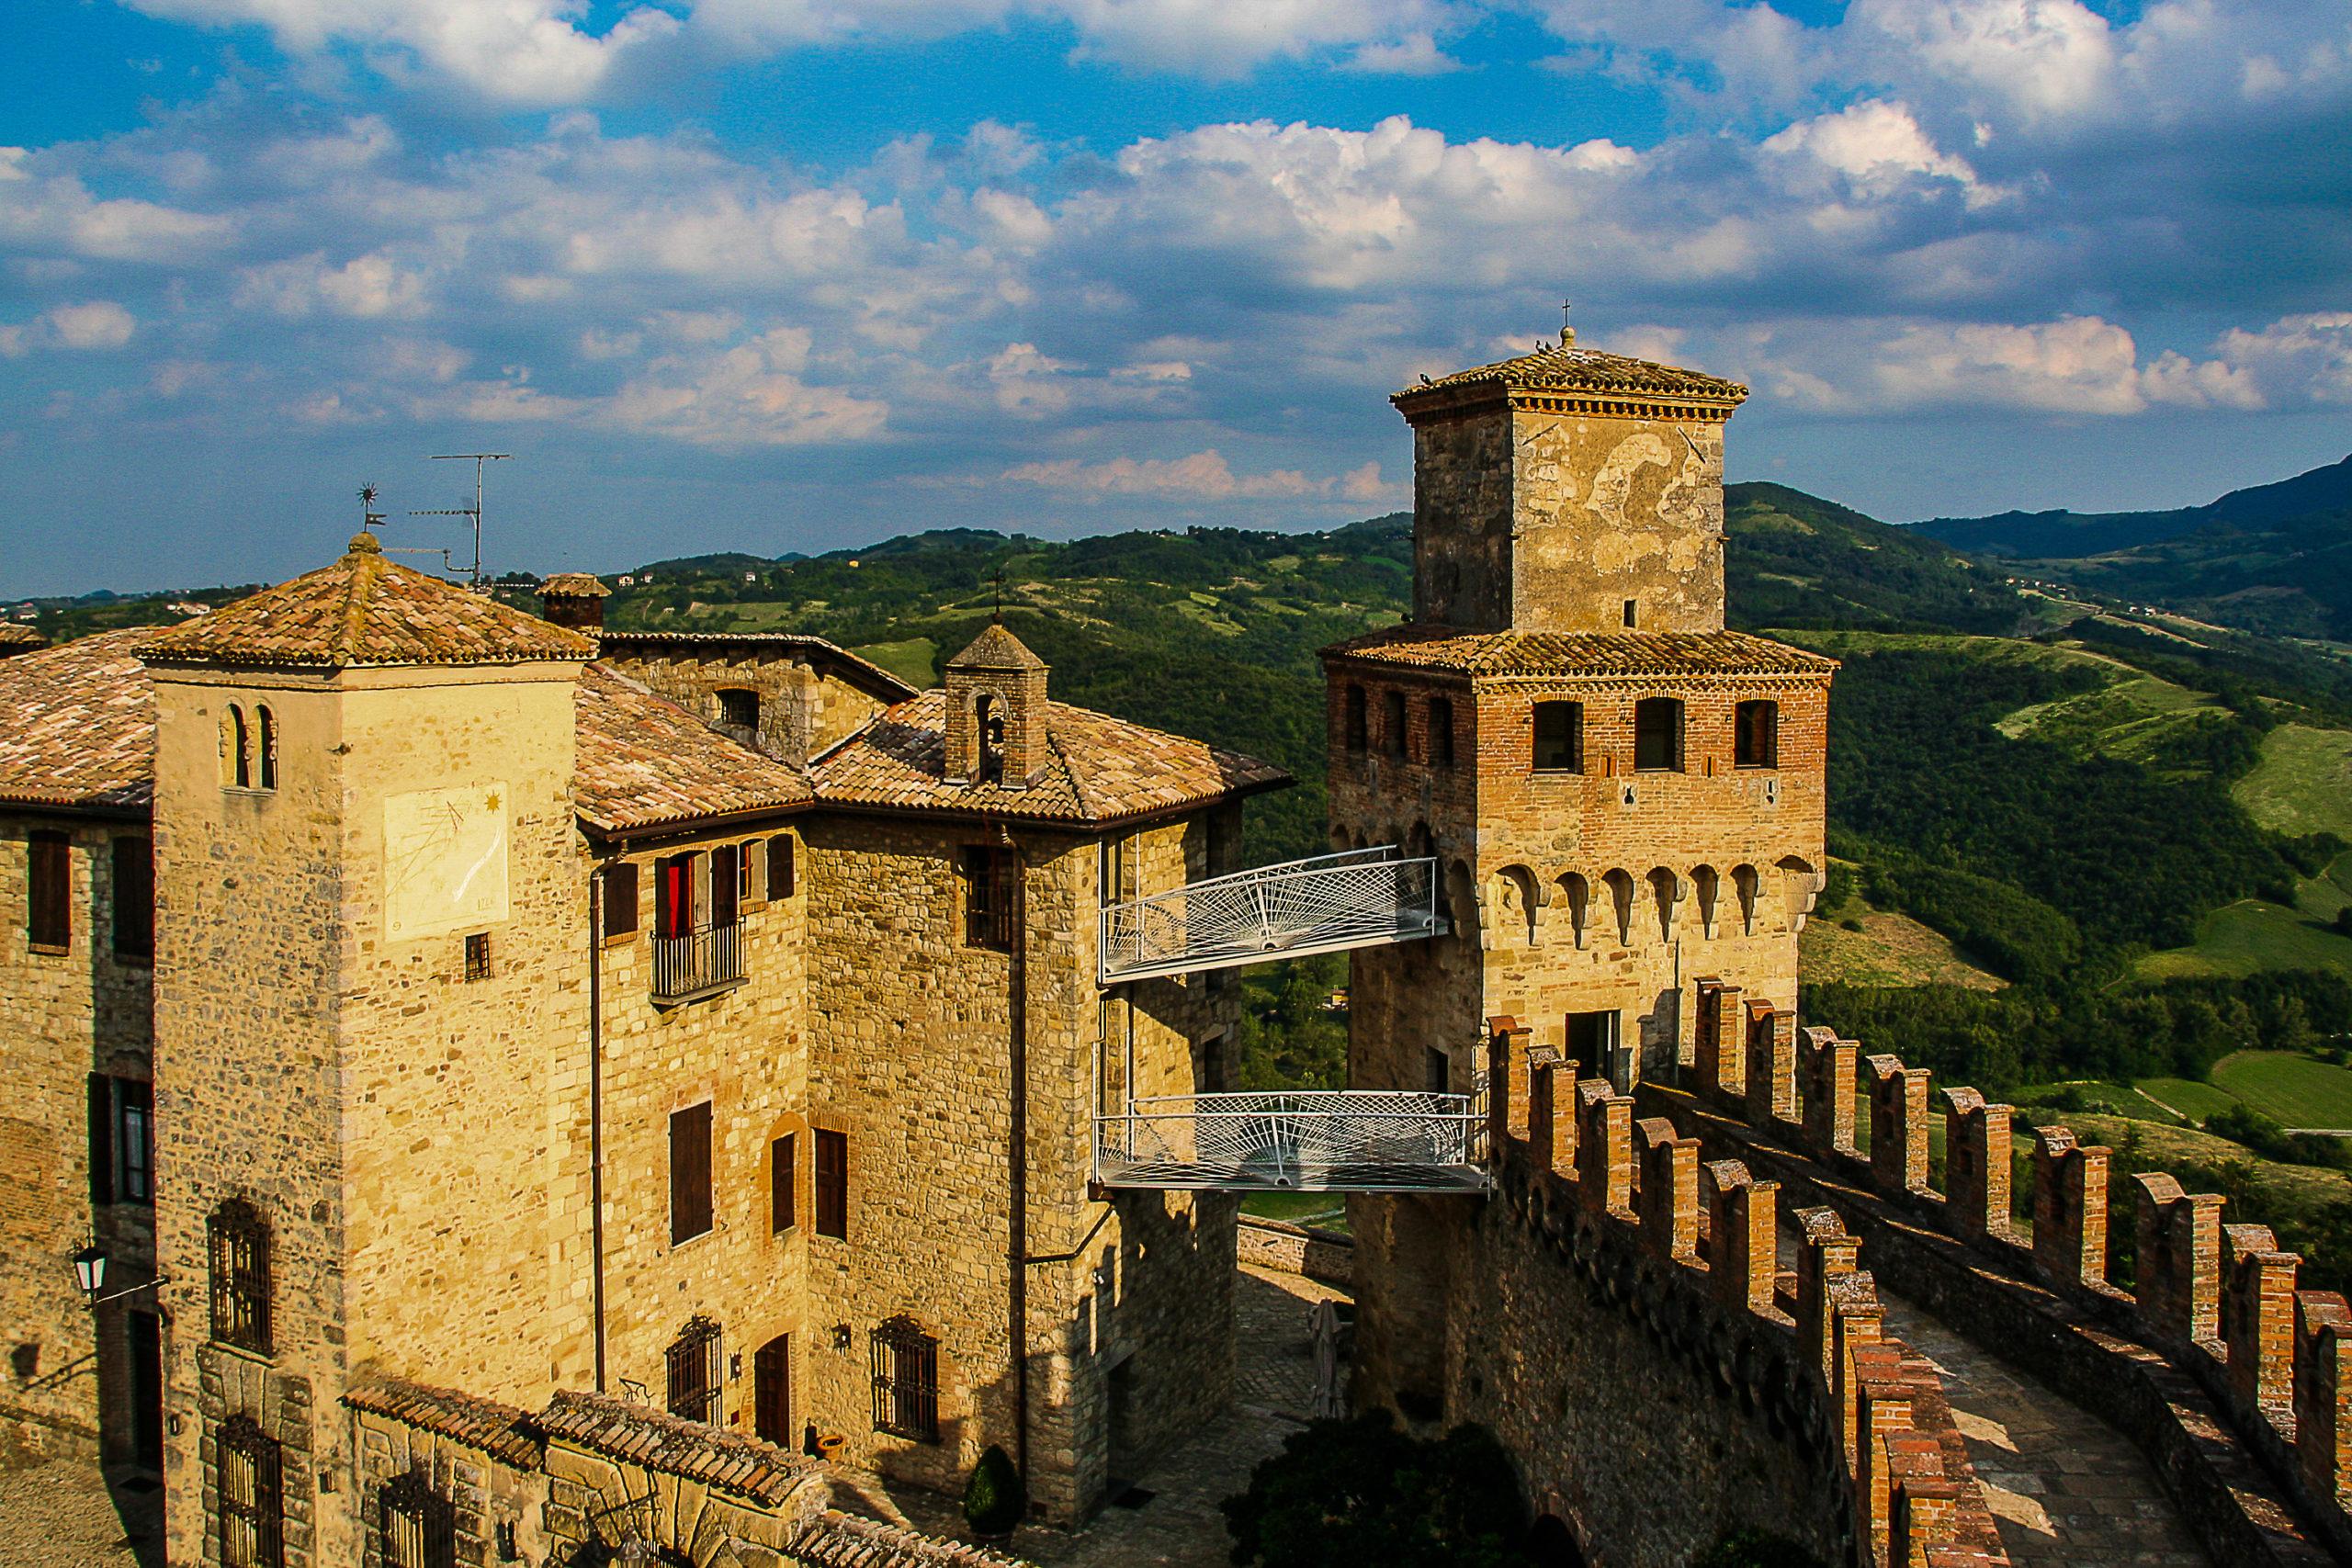 [ParlamiditER] Itinerario in camper fra borghi e castelli del piacentino